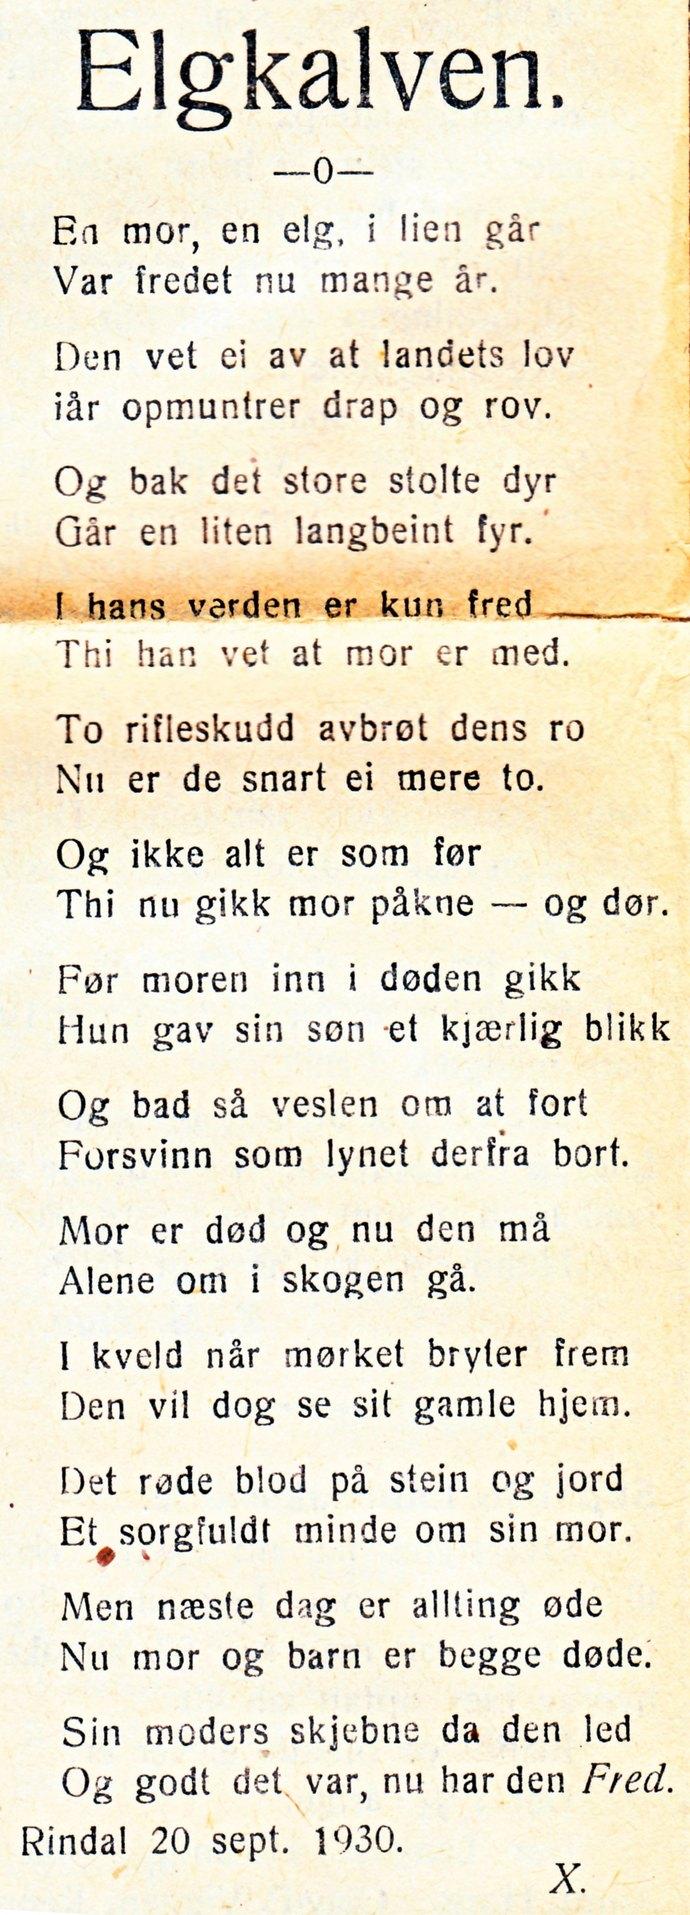 Elgdikt_690x1915.jpg